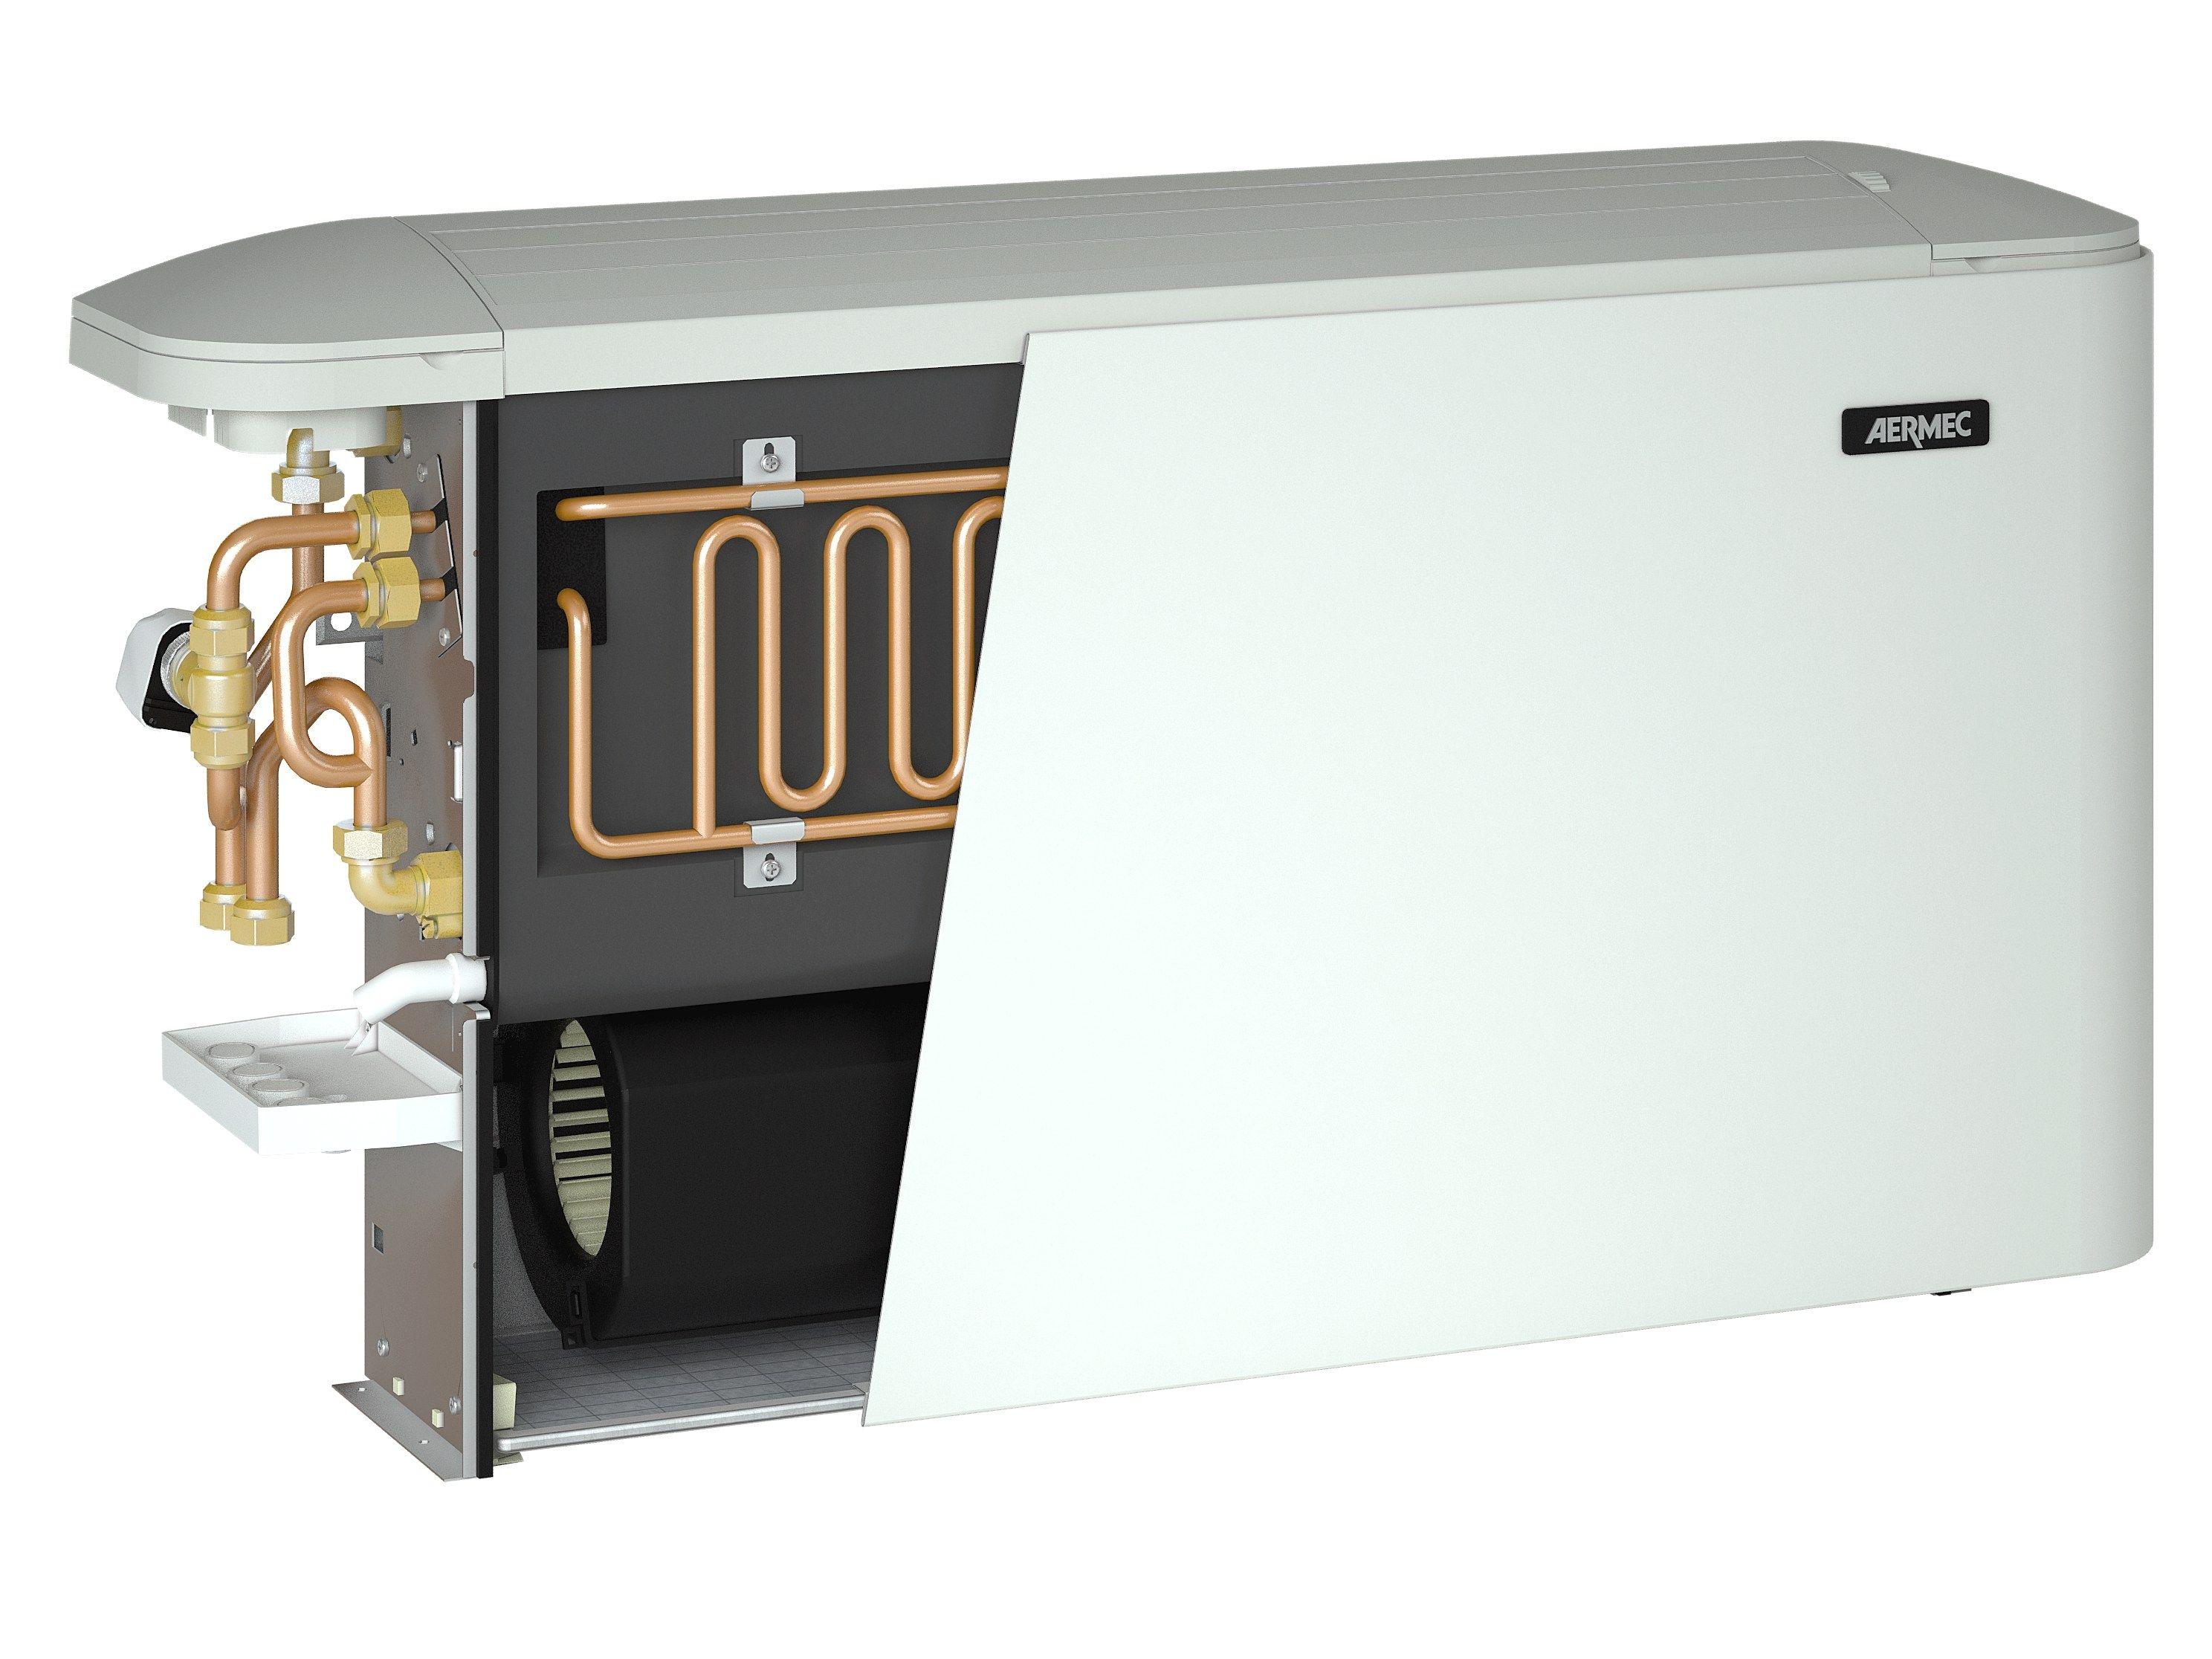 ventilo convecteur pour pose murale omnia radiant by aermec. Black Bedroom Furniture Sets. Home Design Ideas